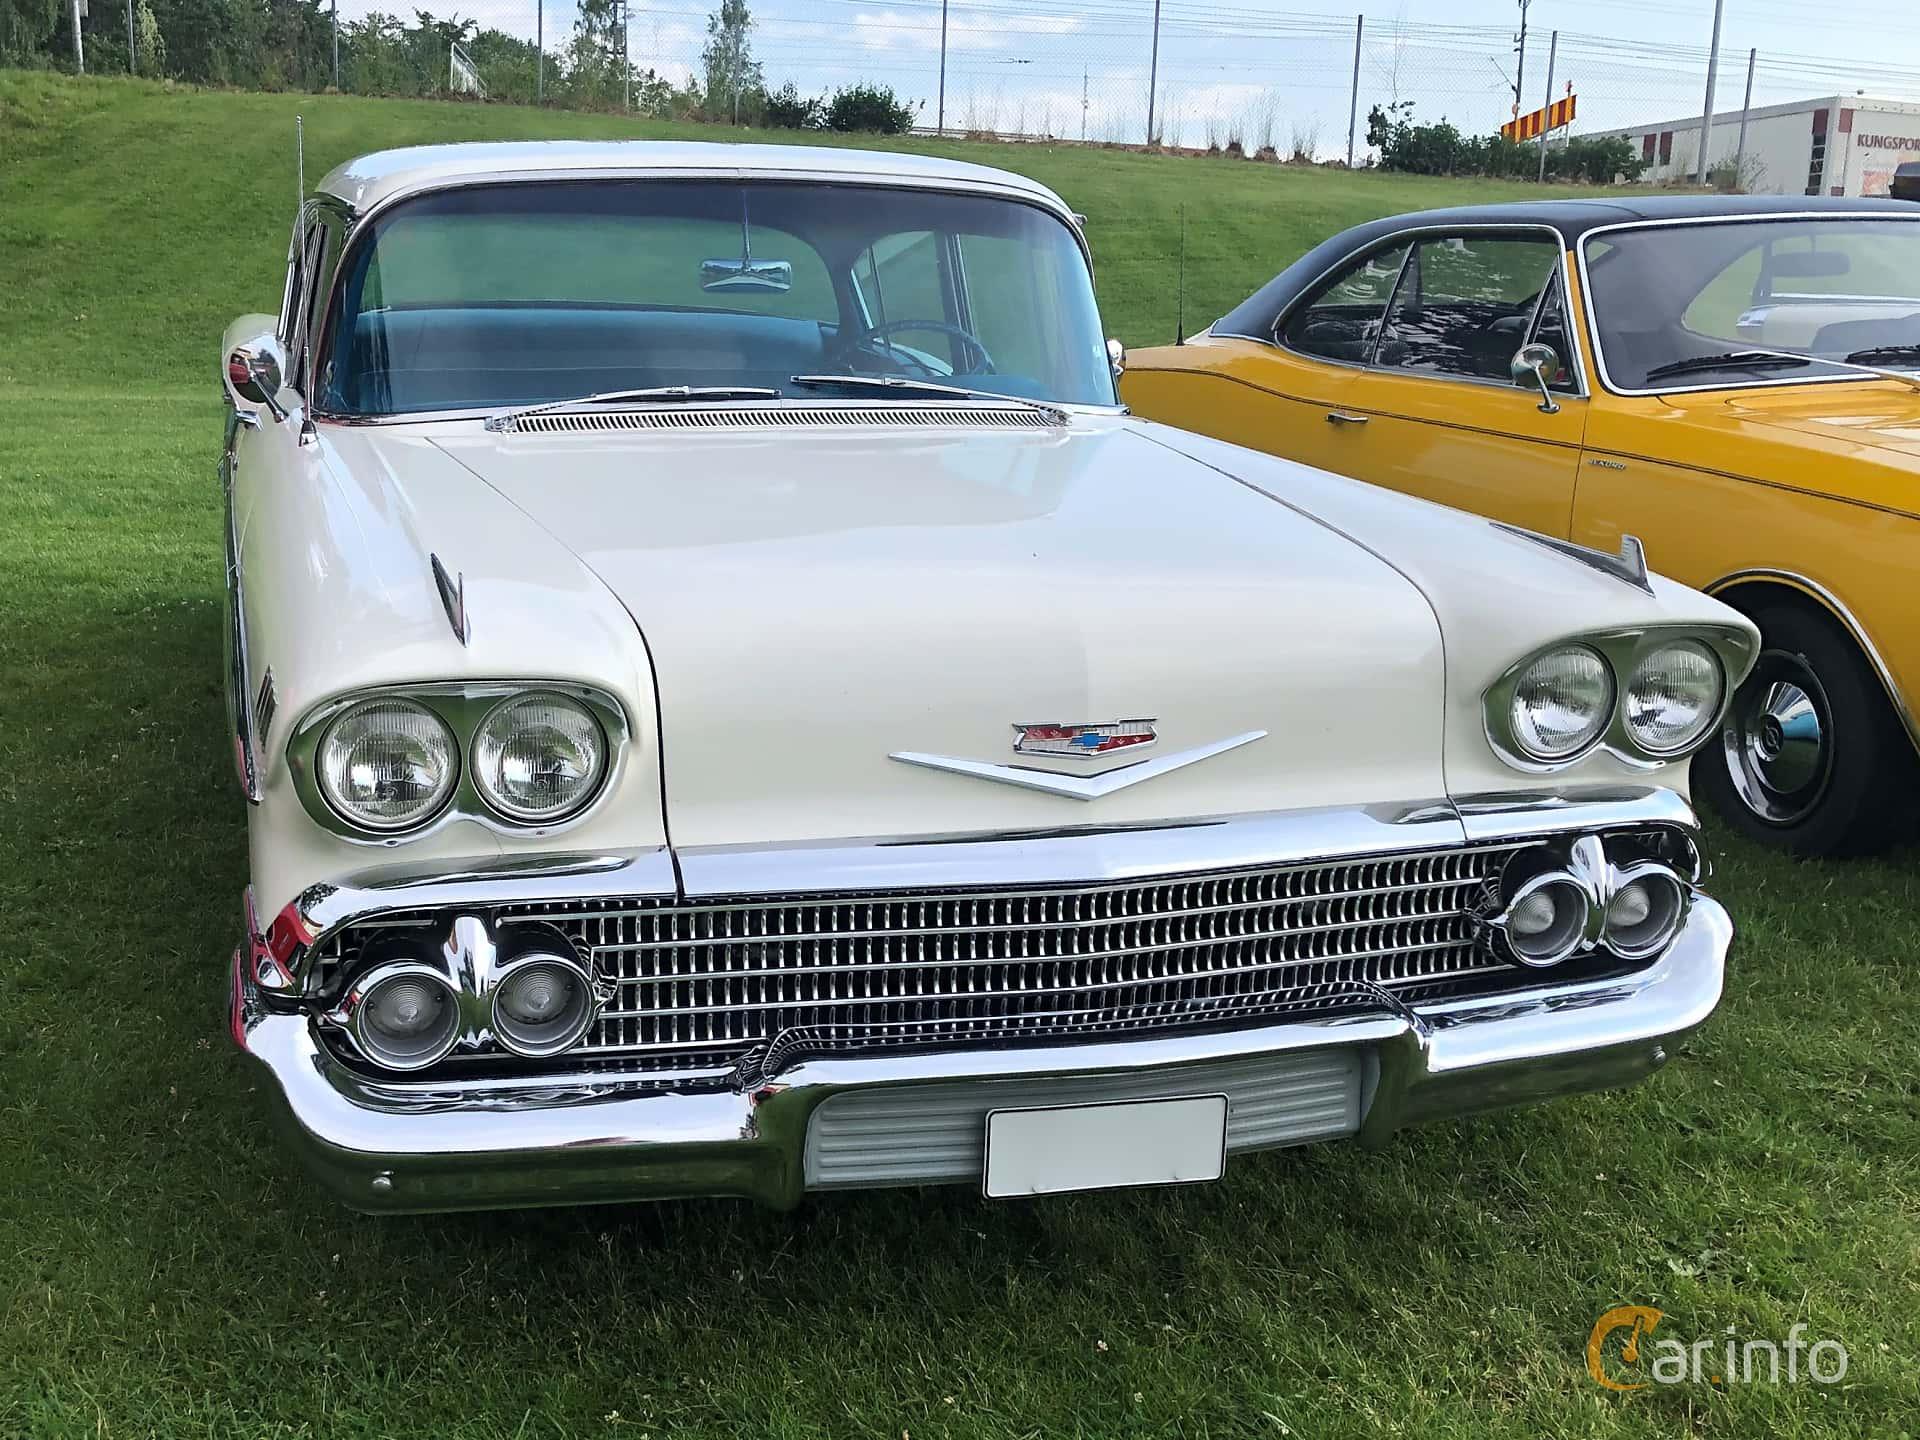 Chevrolet Bel Air 4-door Sedan 4.6 V8 Powerglide, 188hp, 1958 at Bil & MC-träffar i Huskvarna Folkets Park 2019 vecka 25 tema GM-bilar